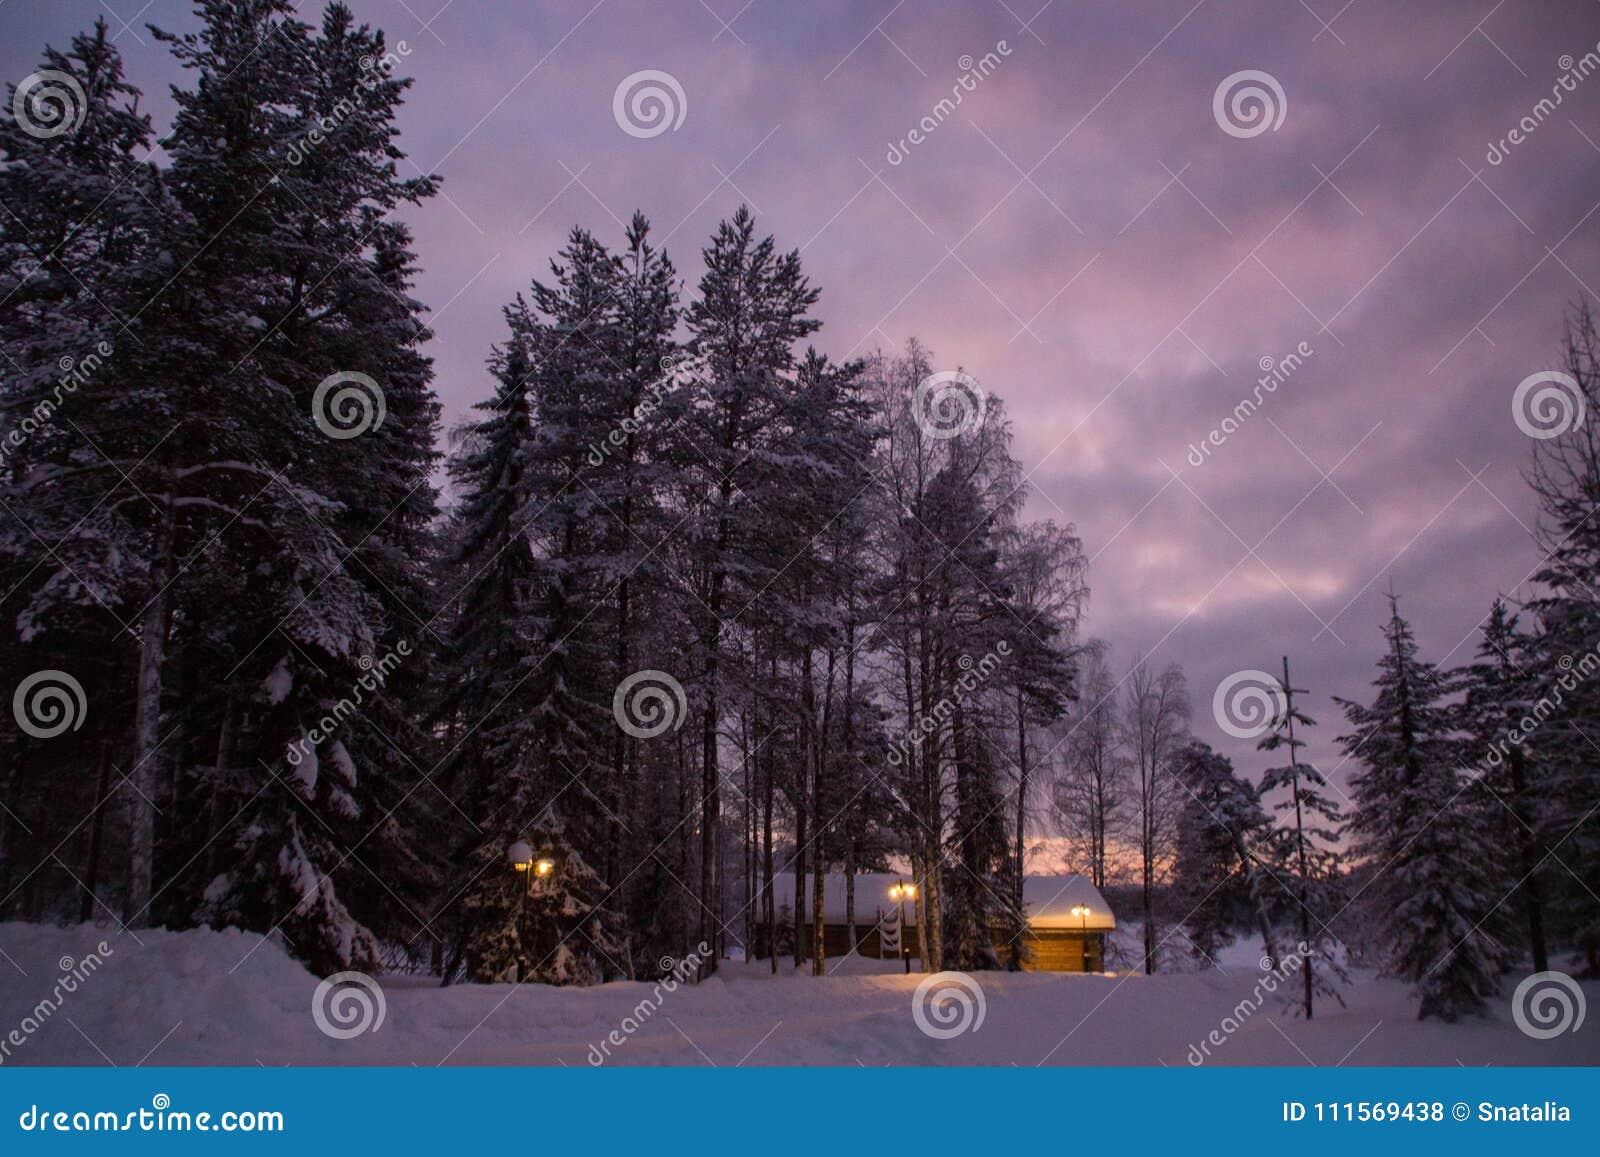 Drewniany dom w wieczór w zimie